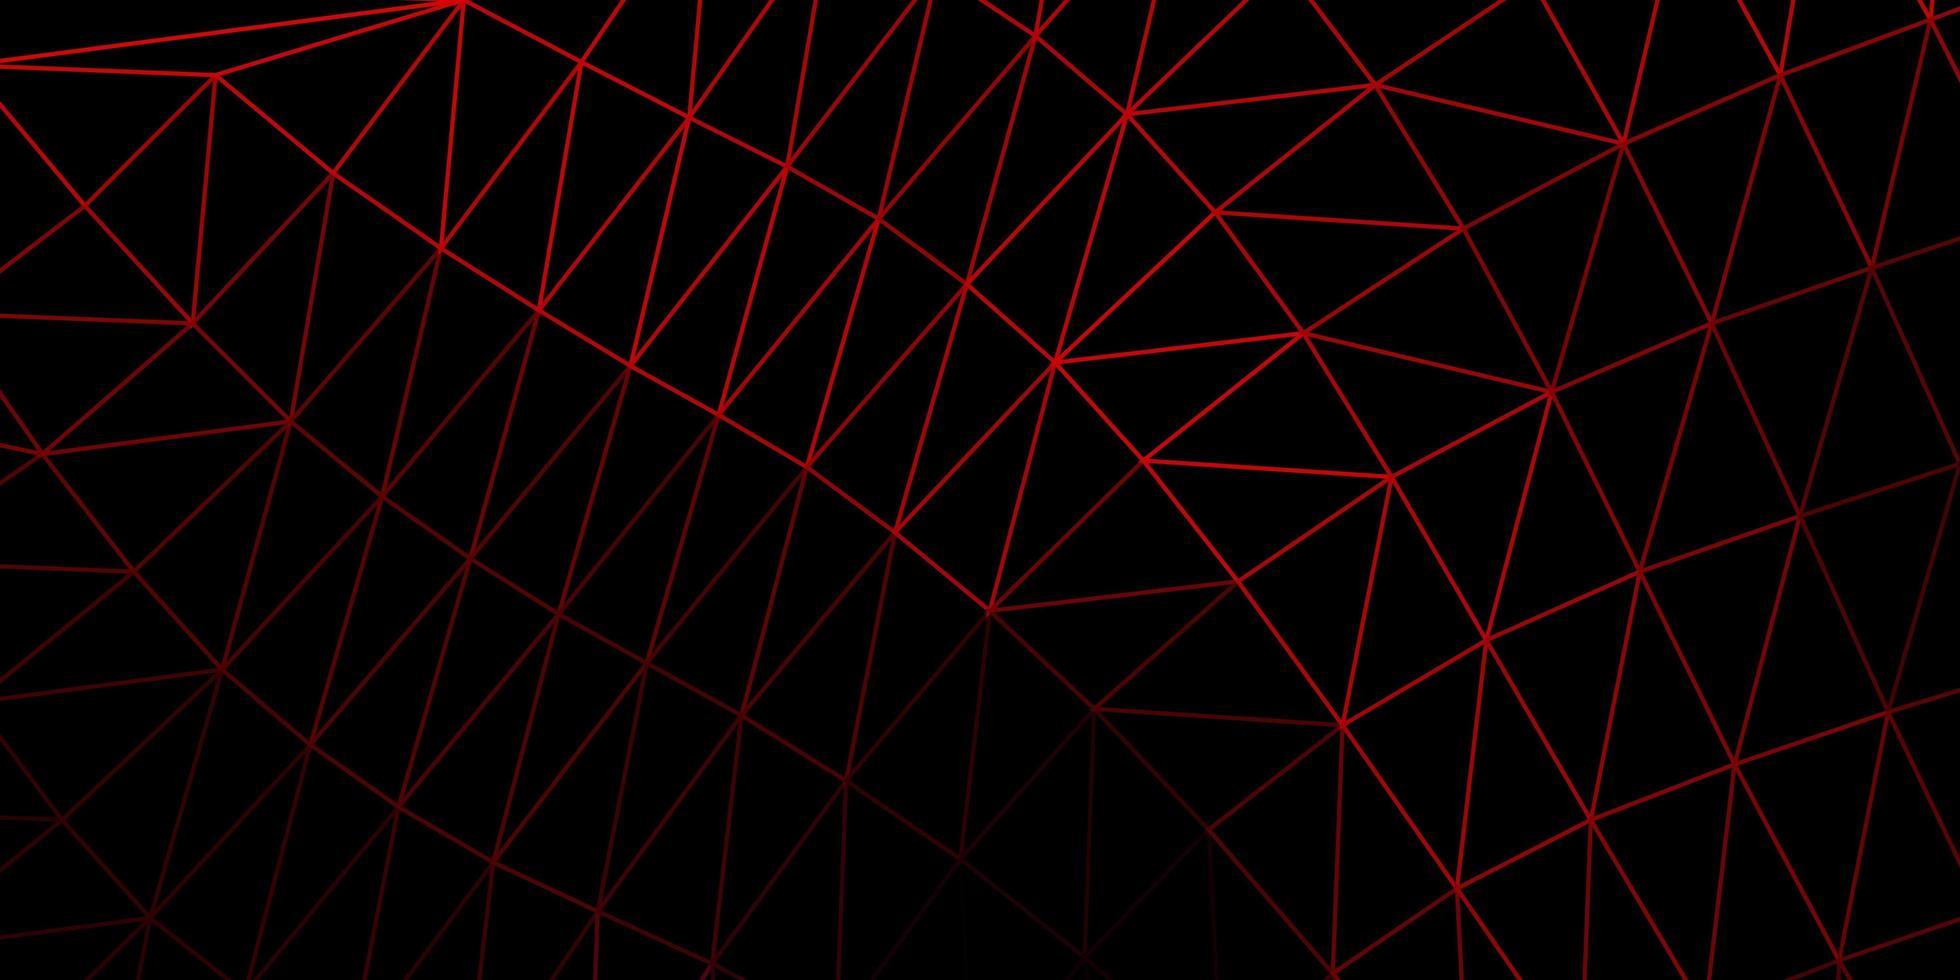 textura de triángulo de poli rojo oscuro. vector